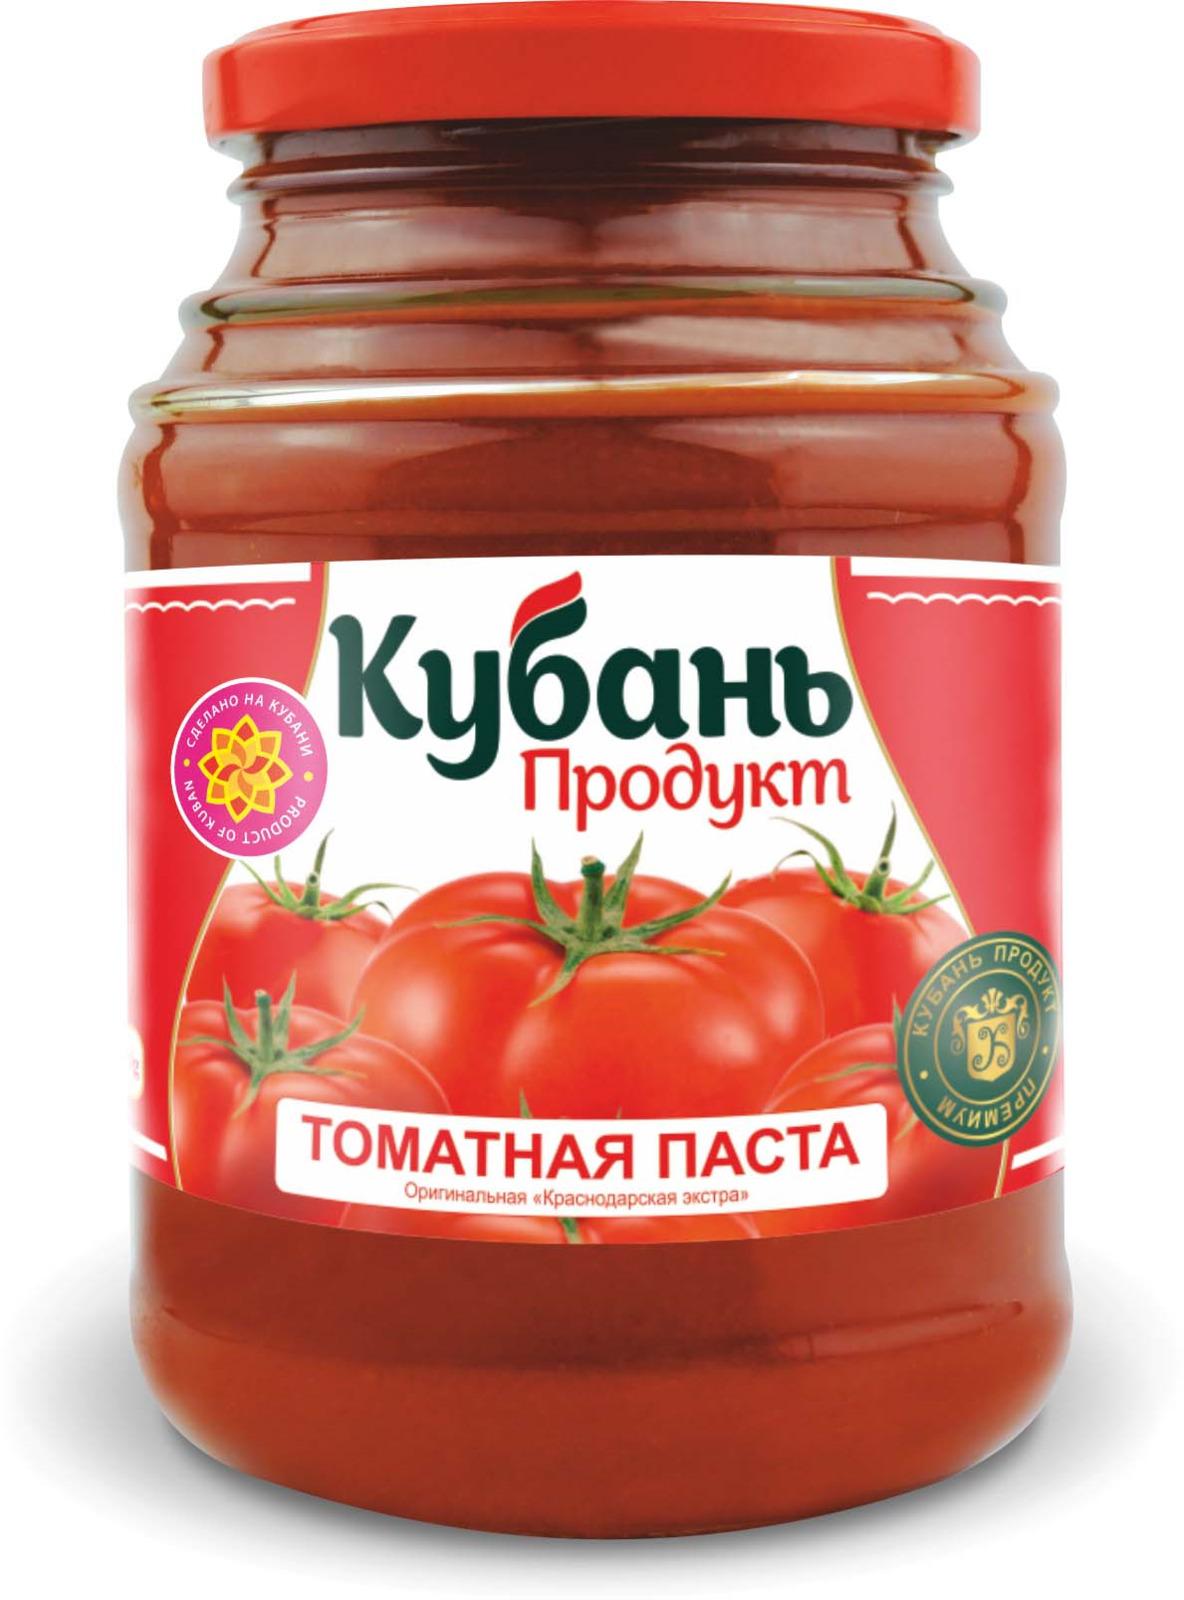 Кубань Продукт паста томатная, 280 г кубань авиабилеты